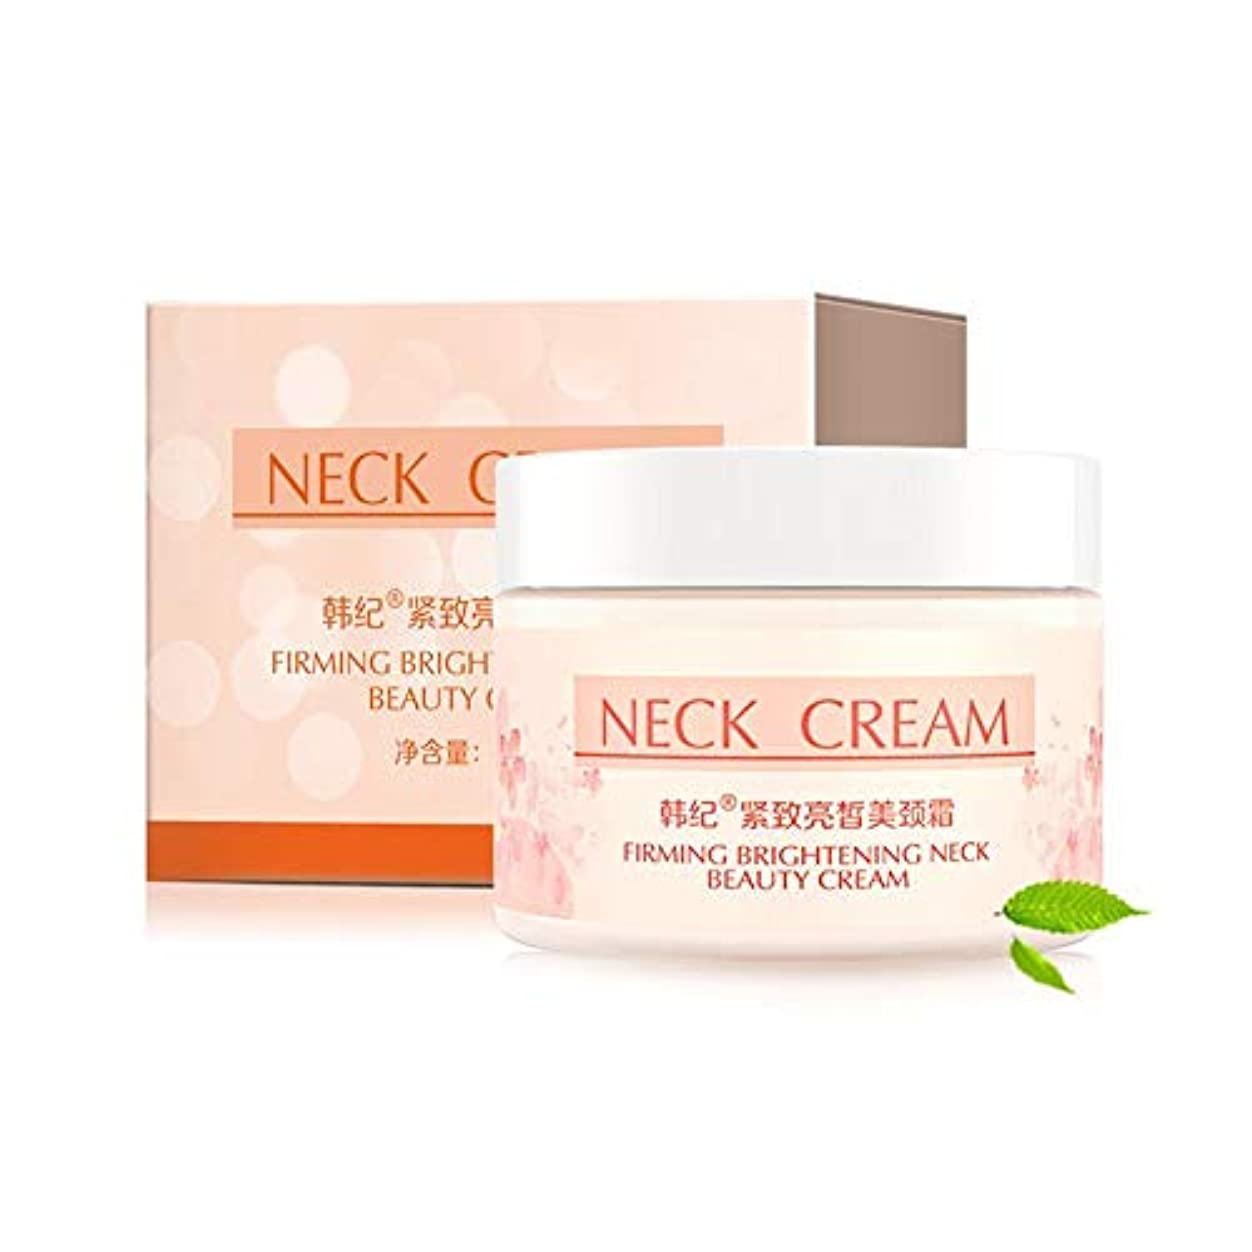 変化抹消ボーダーBETTER YOU (ベター ュー) ネッククリーム、首のホワイトニング、肌の引き締め、ネックラインの減少、肌の栄養補給